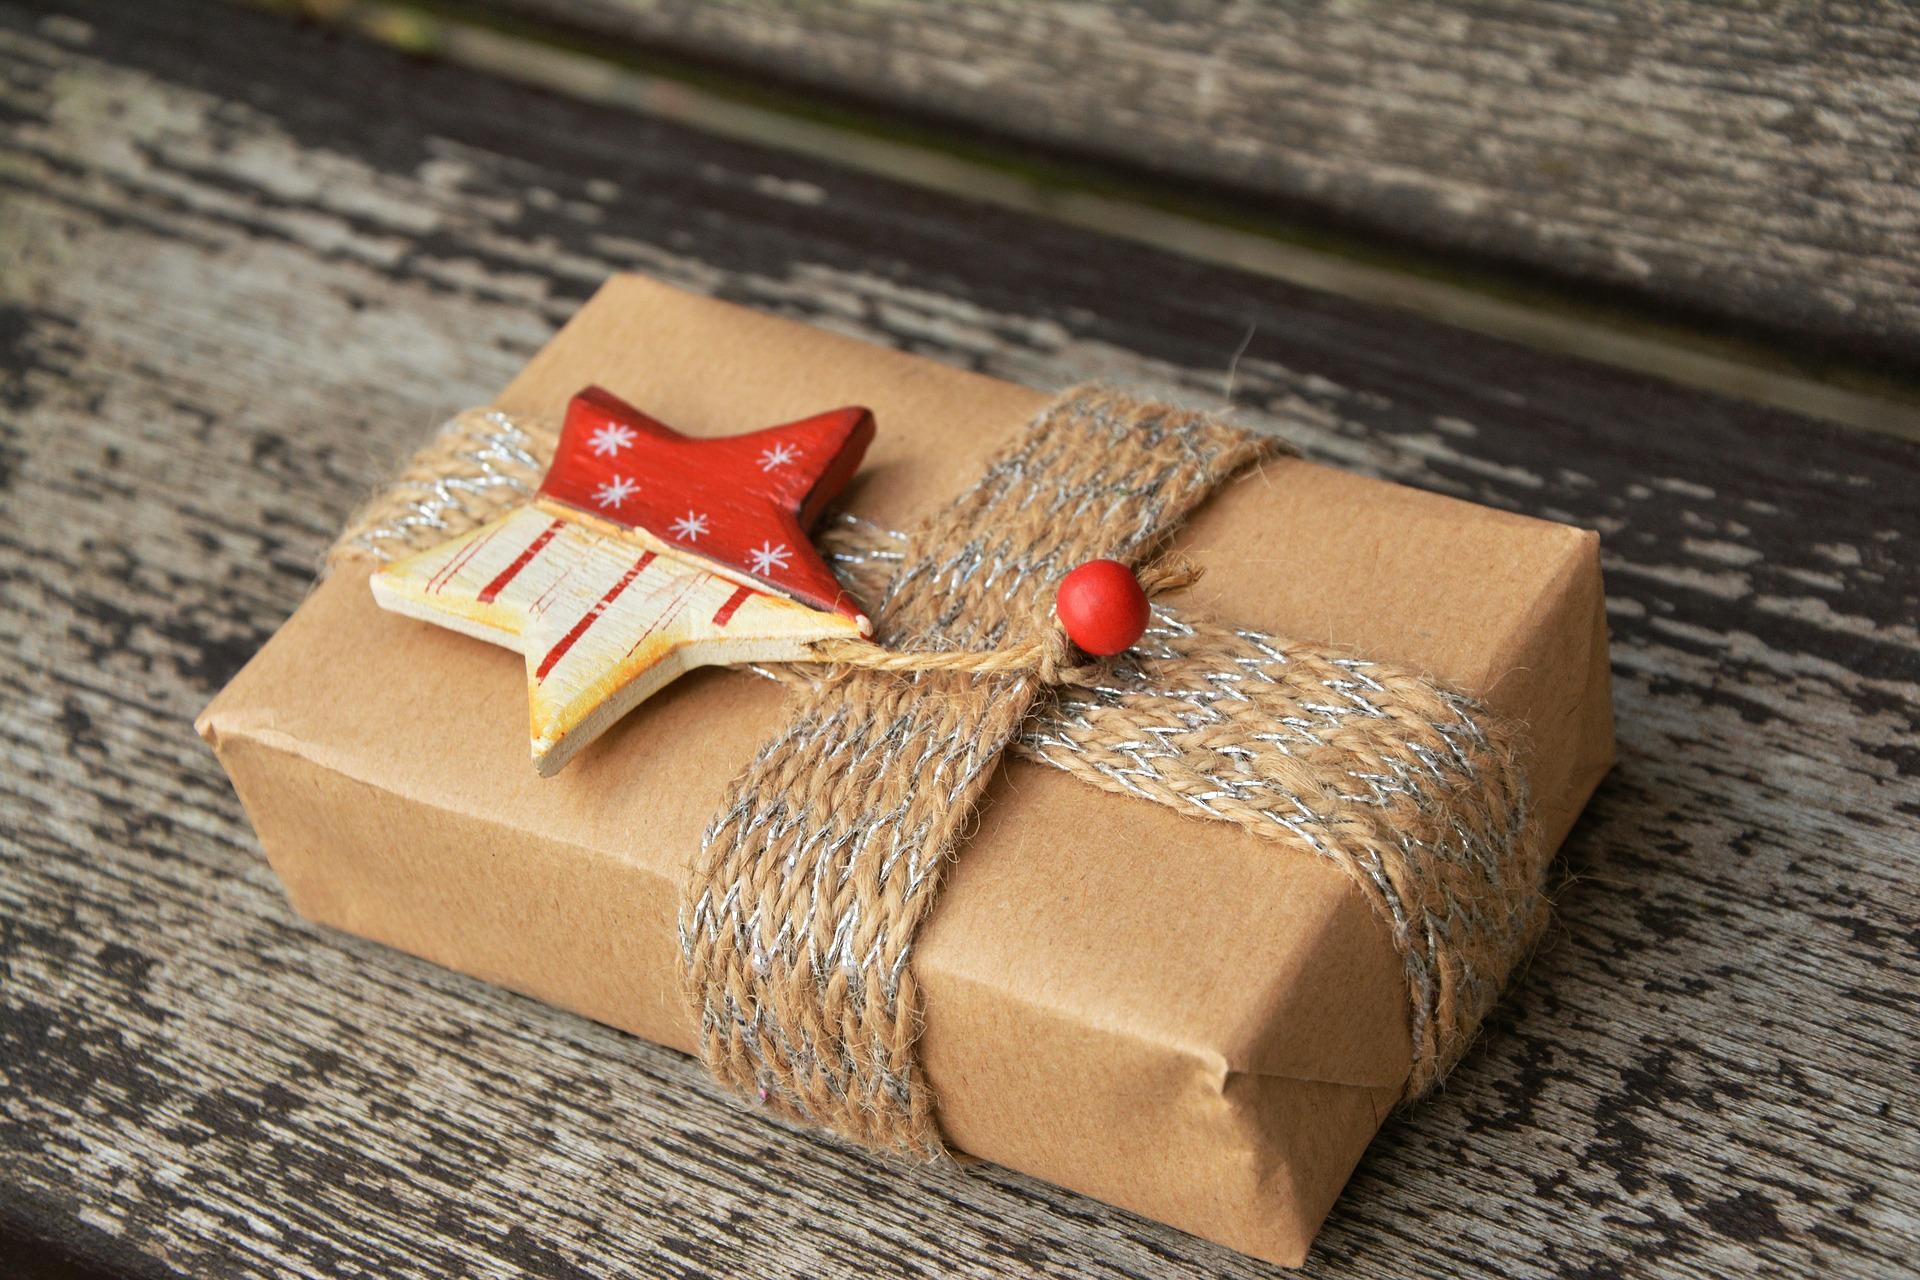 Що не можна дарувати чоловікові: ідеї подарунків, від яких вони не в захваті